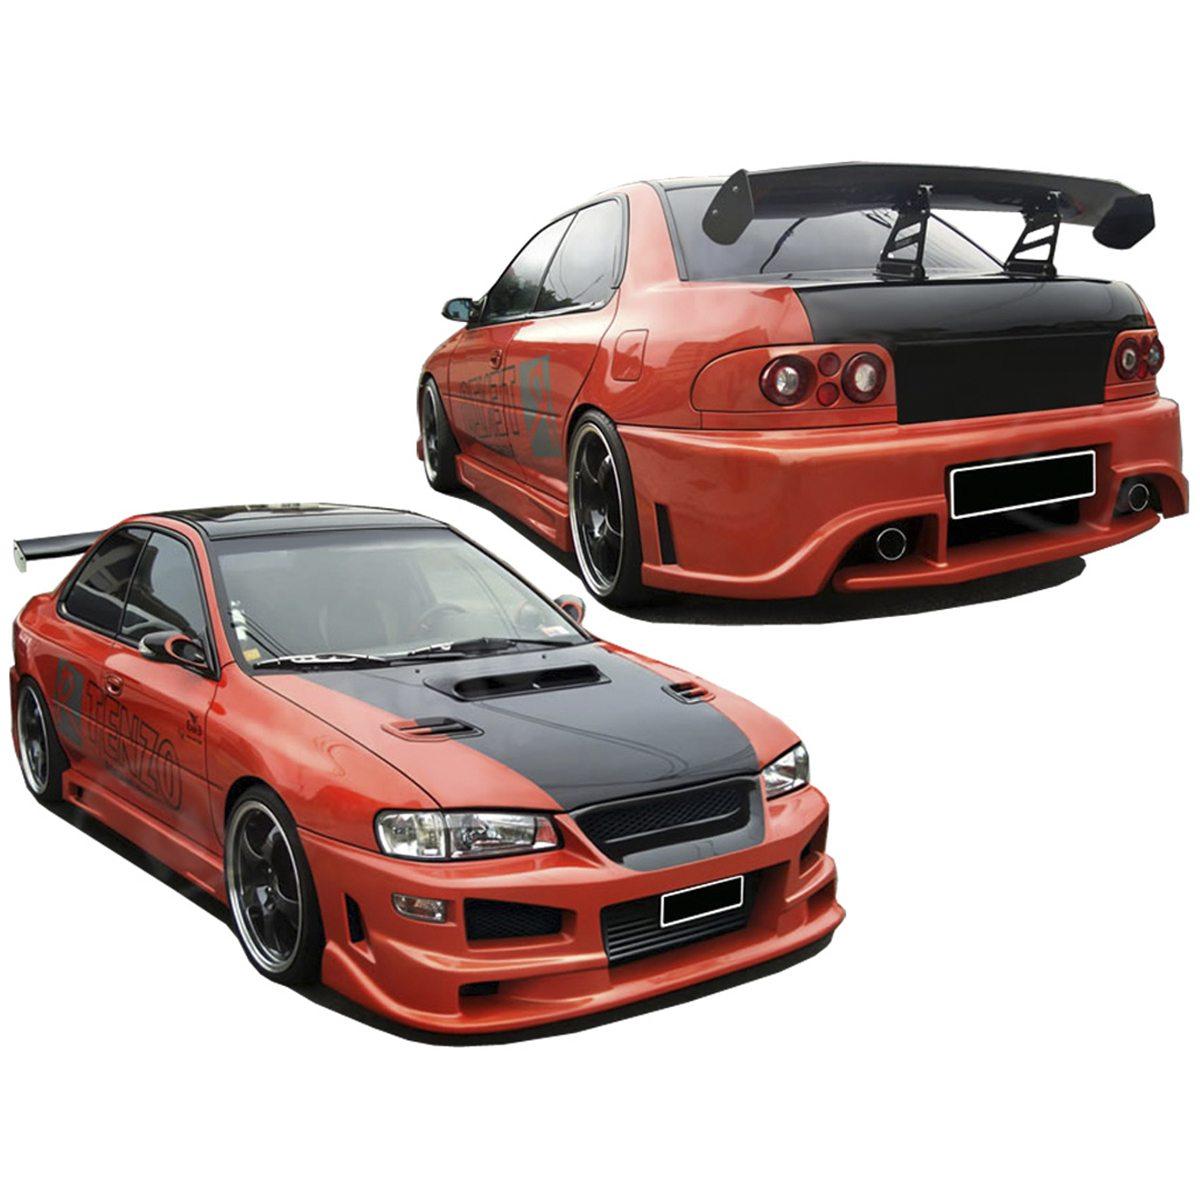 Subaru-Impreza-Race-KIT-KTN028